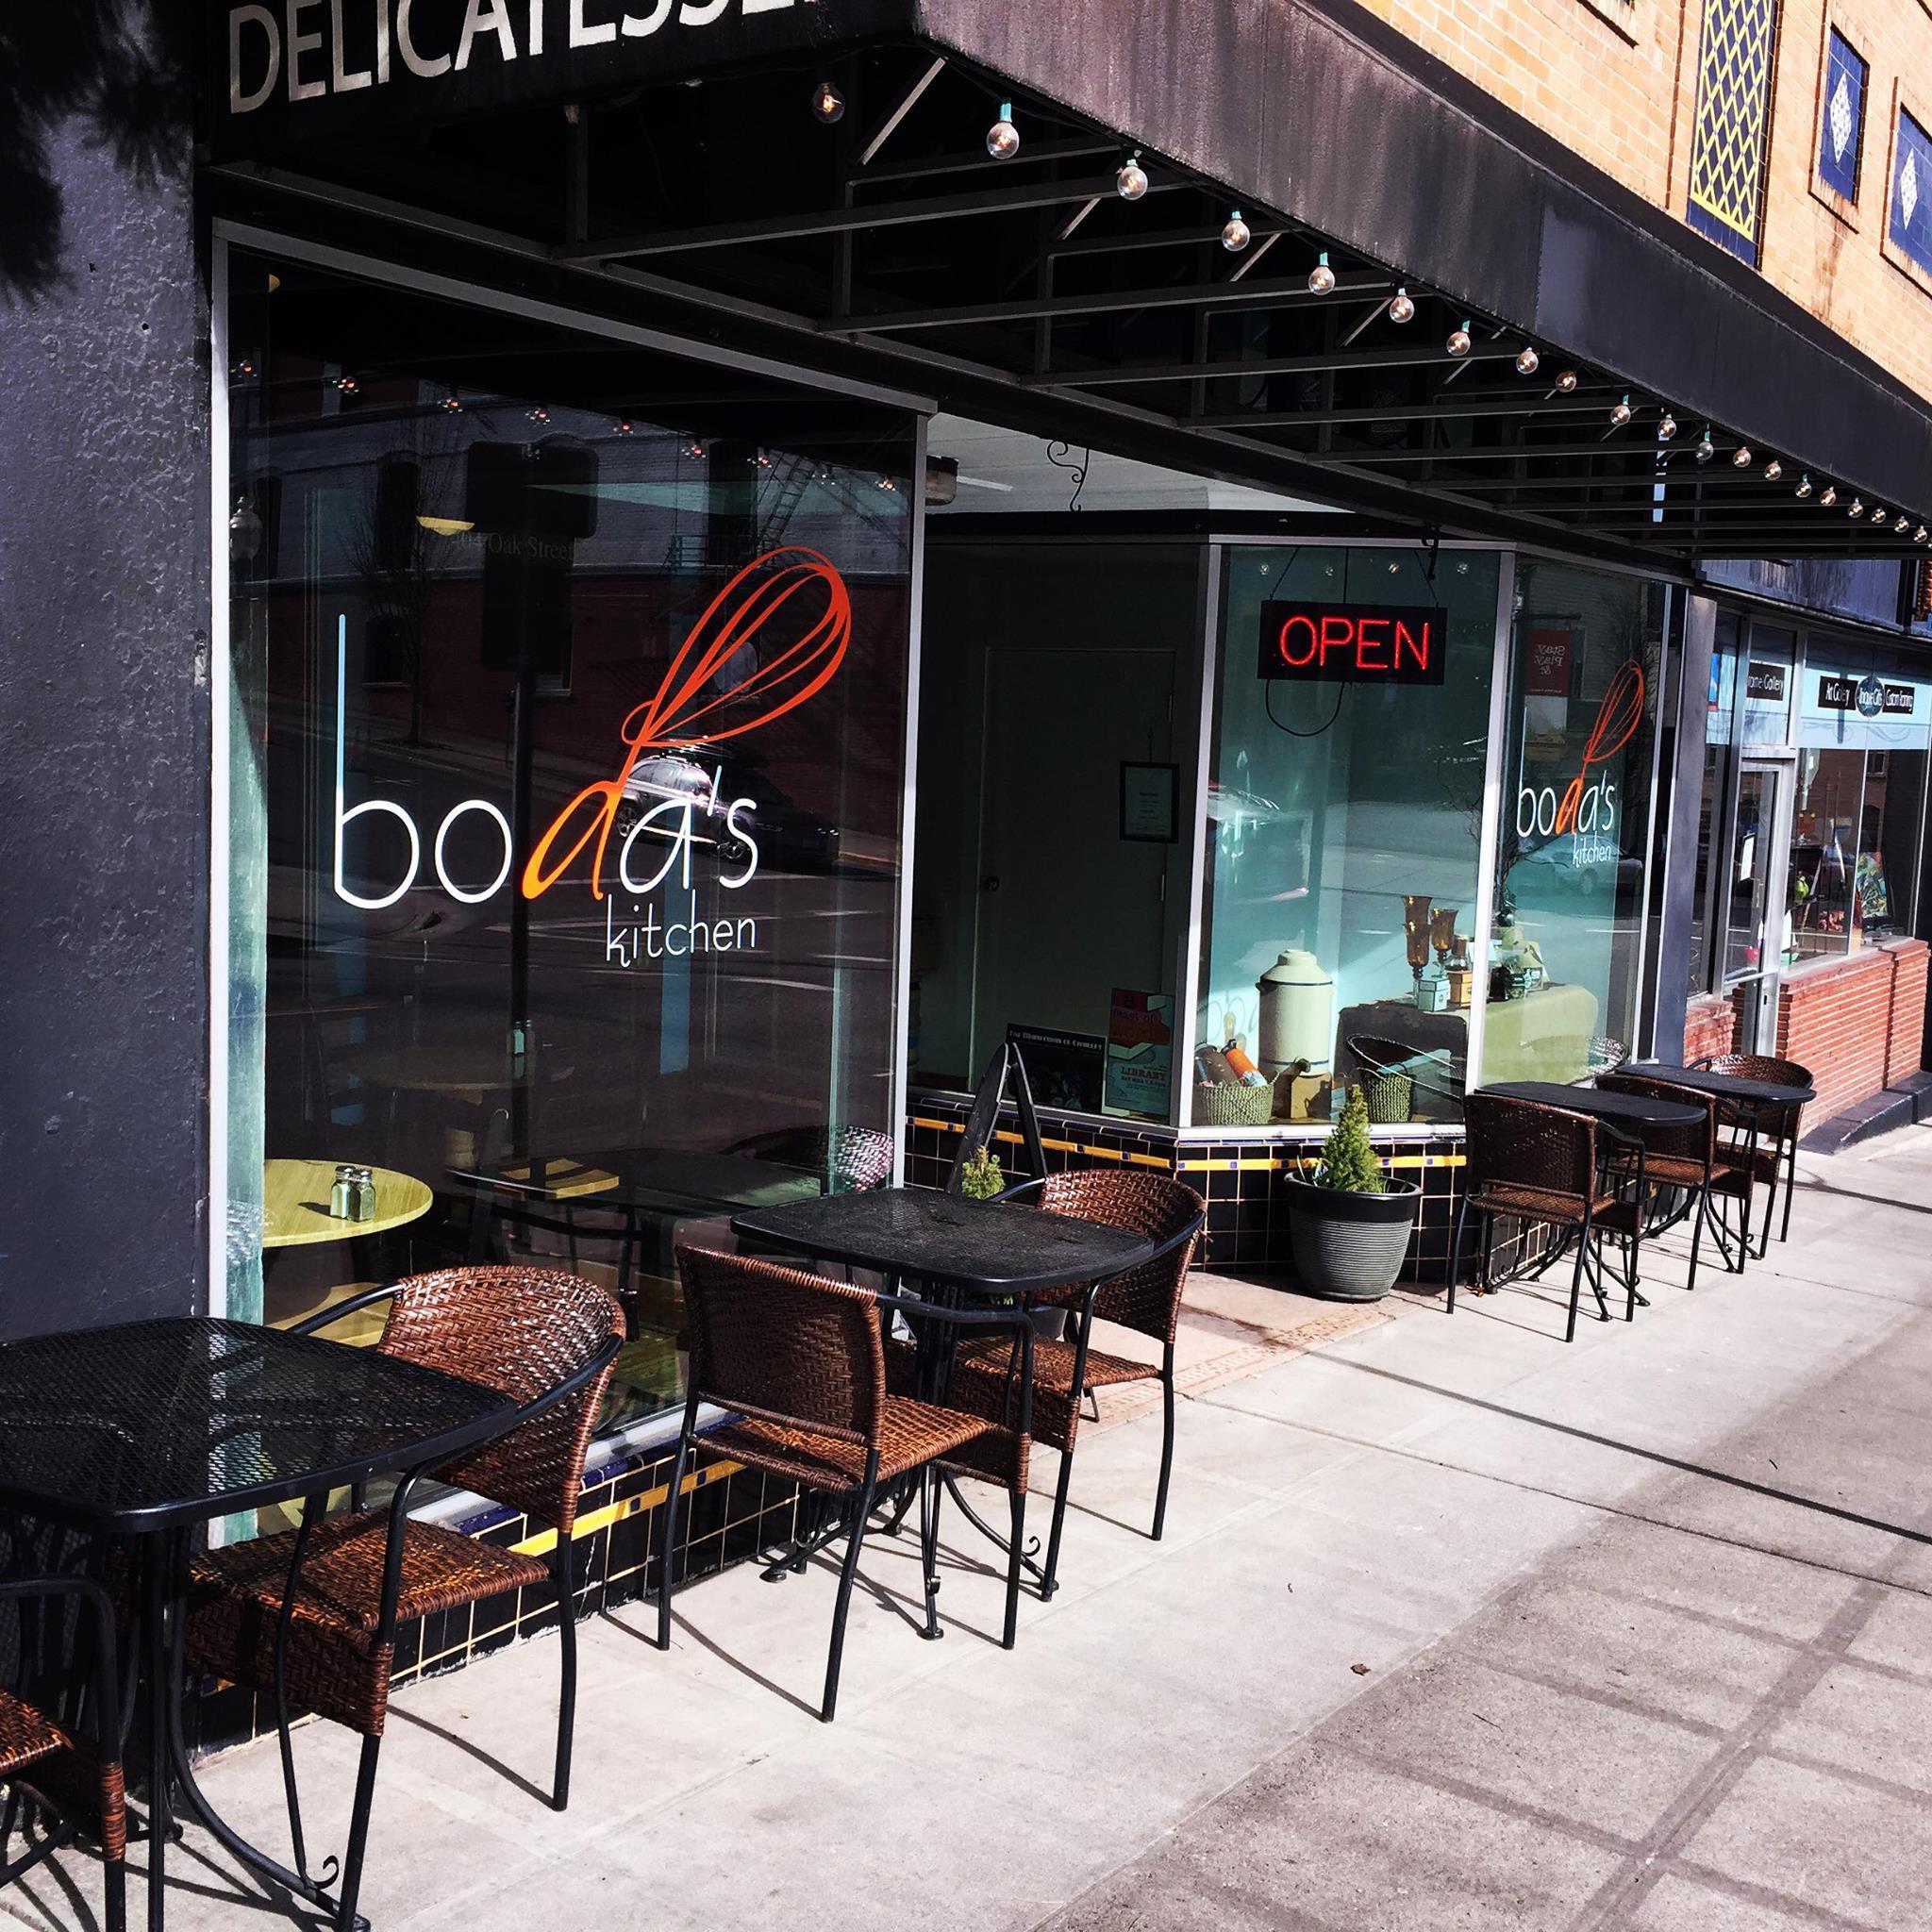 Boda S Kitchen